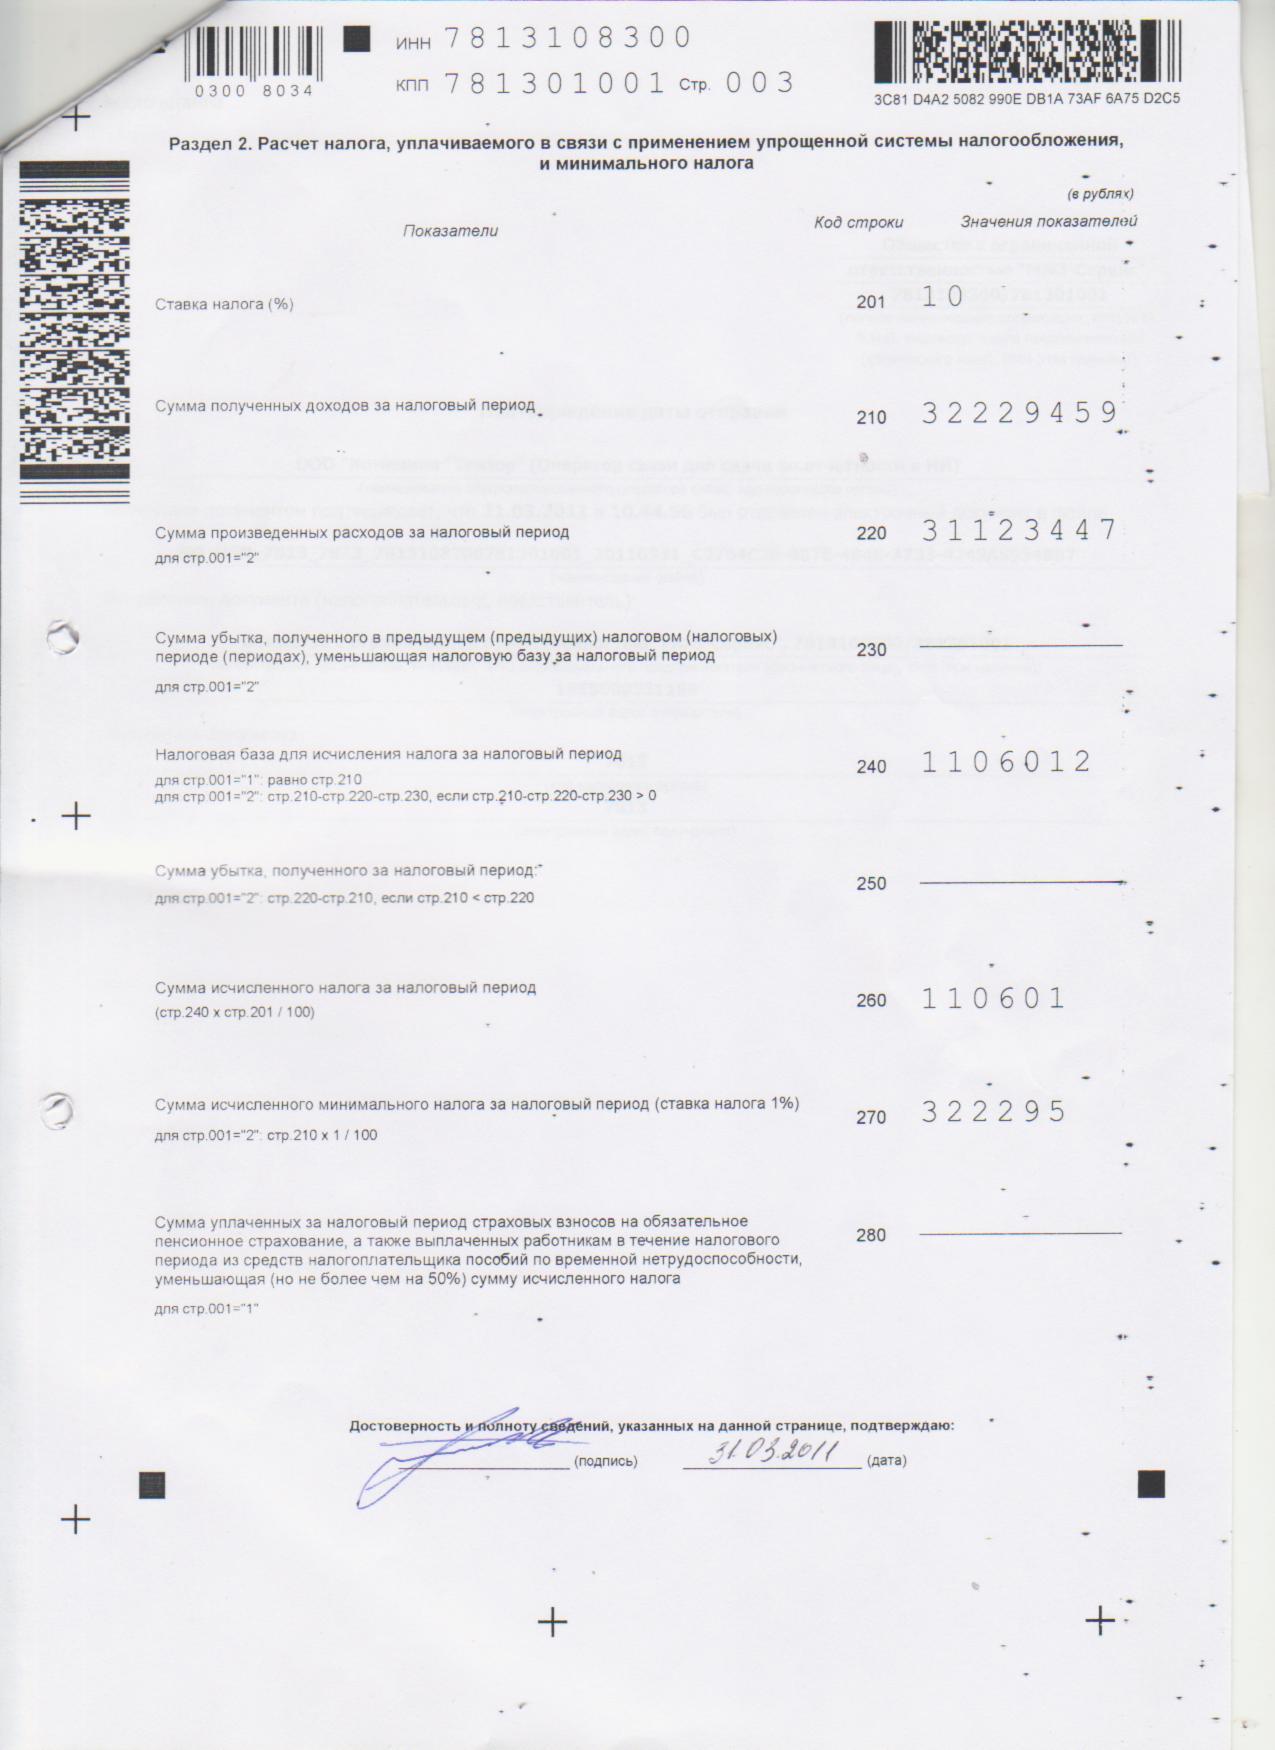 Декларация УСН 2010 стр 3